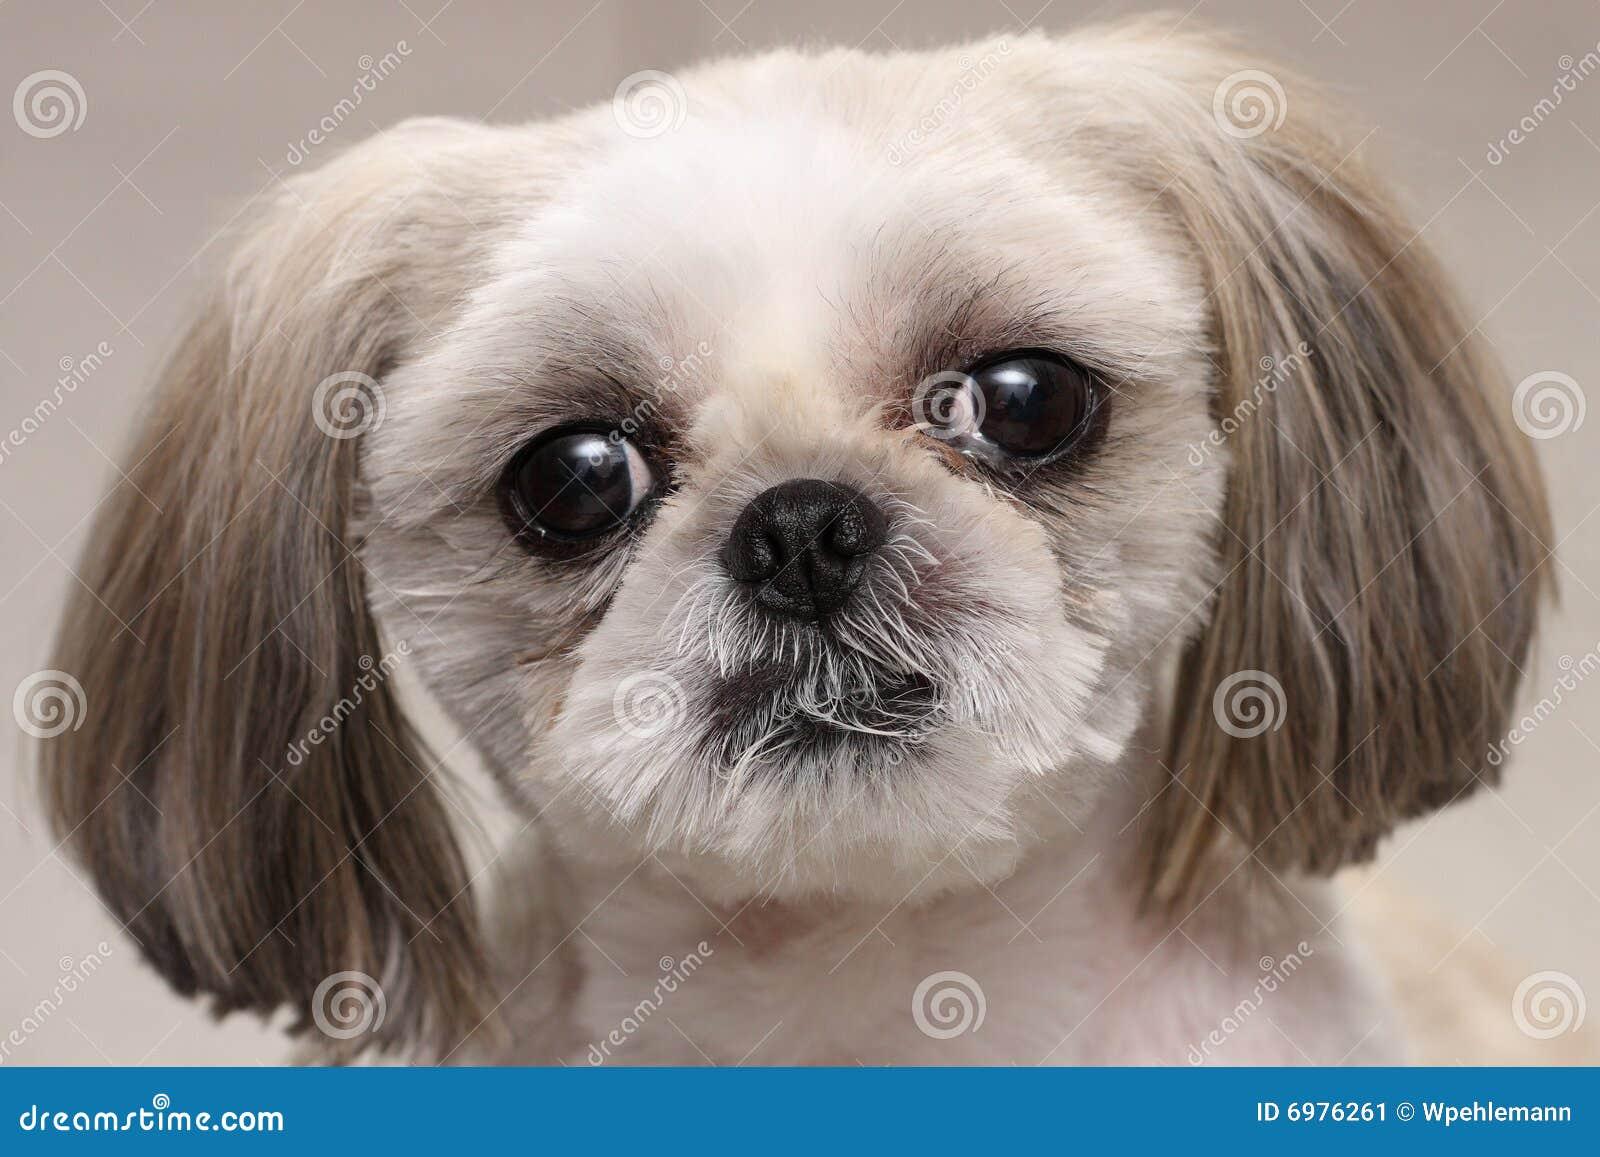 Shih Tzu Dog Stock Image. Image Of Eyes, Little, Walther